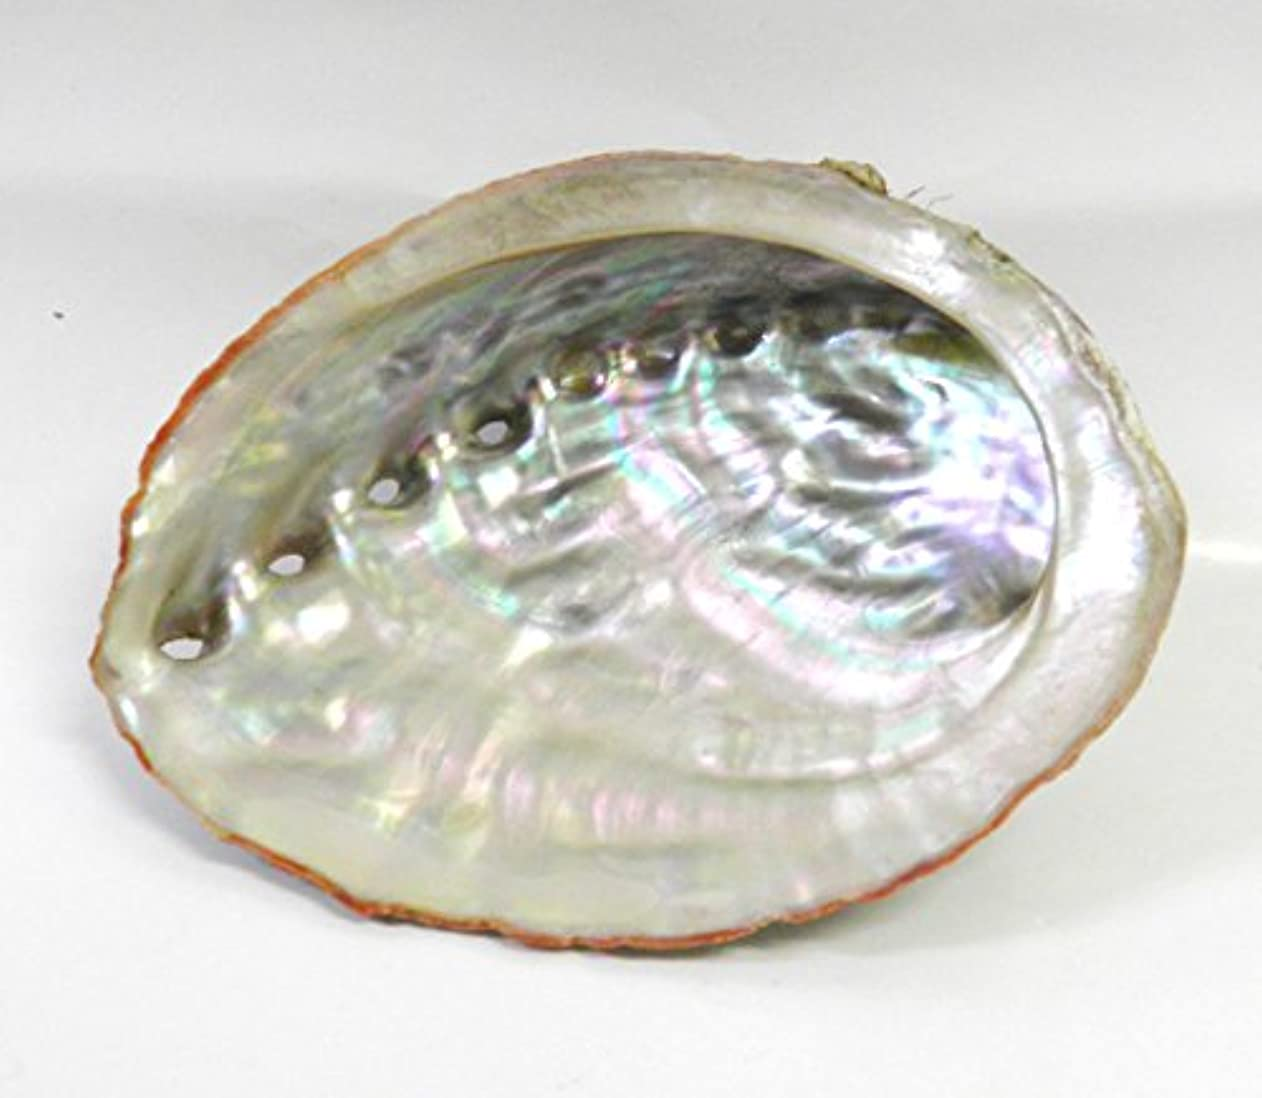 レーニン主義滑り台でアワビの貝殻 アバロン シェル ホワイトセージ 浄化用 お香 空間浄化 天然石